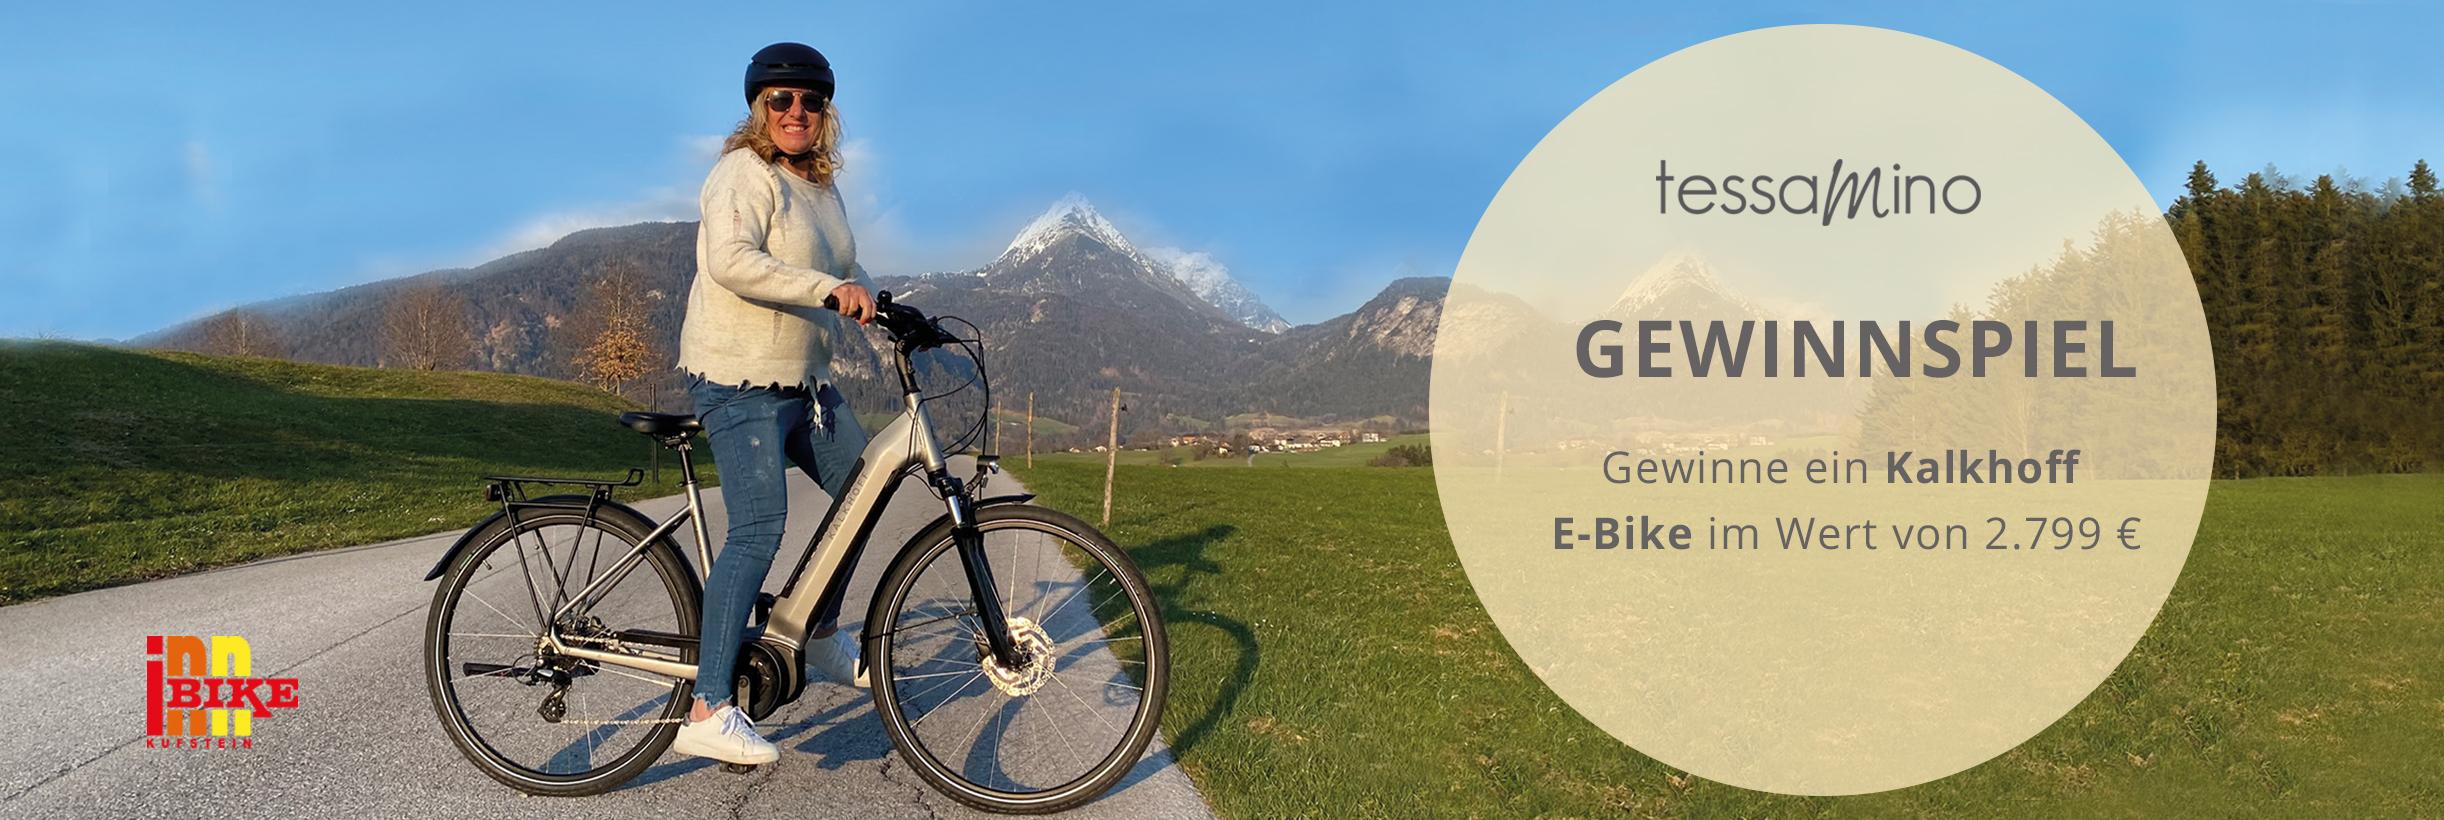 Gewinnspiel E-Bike